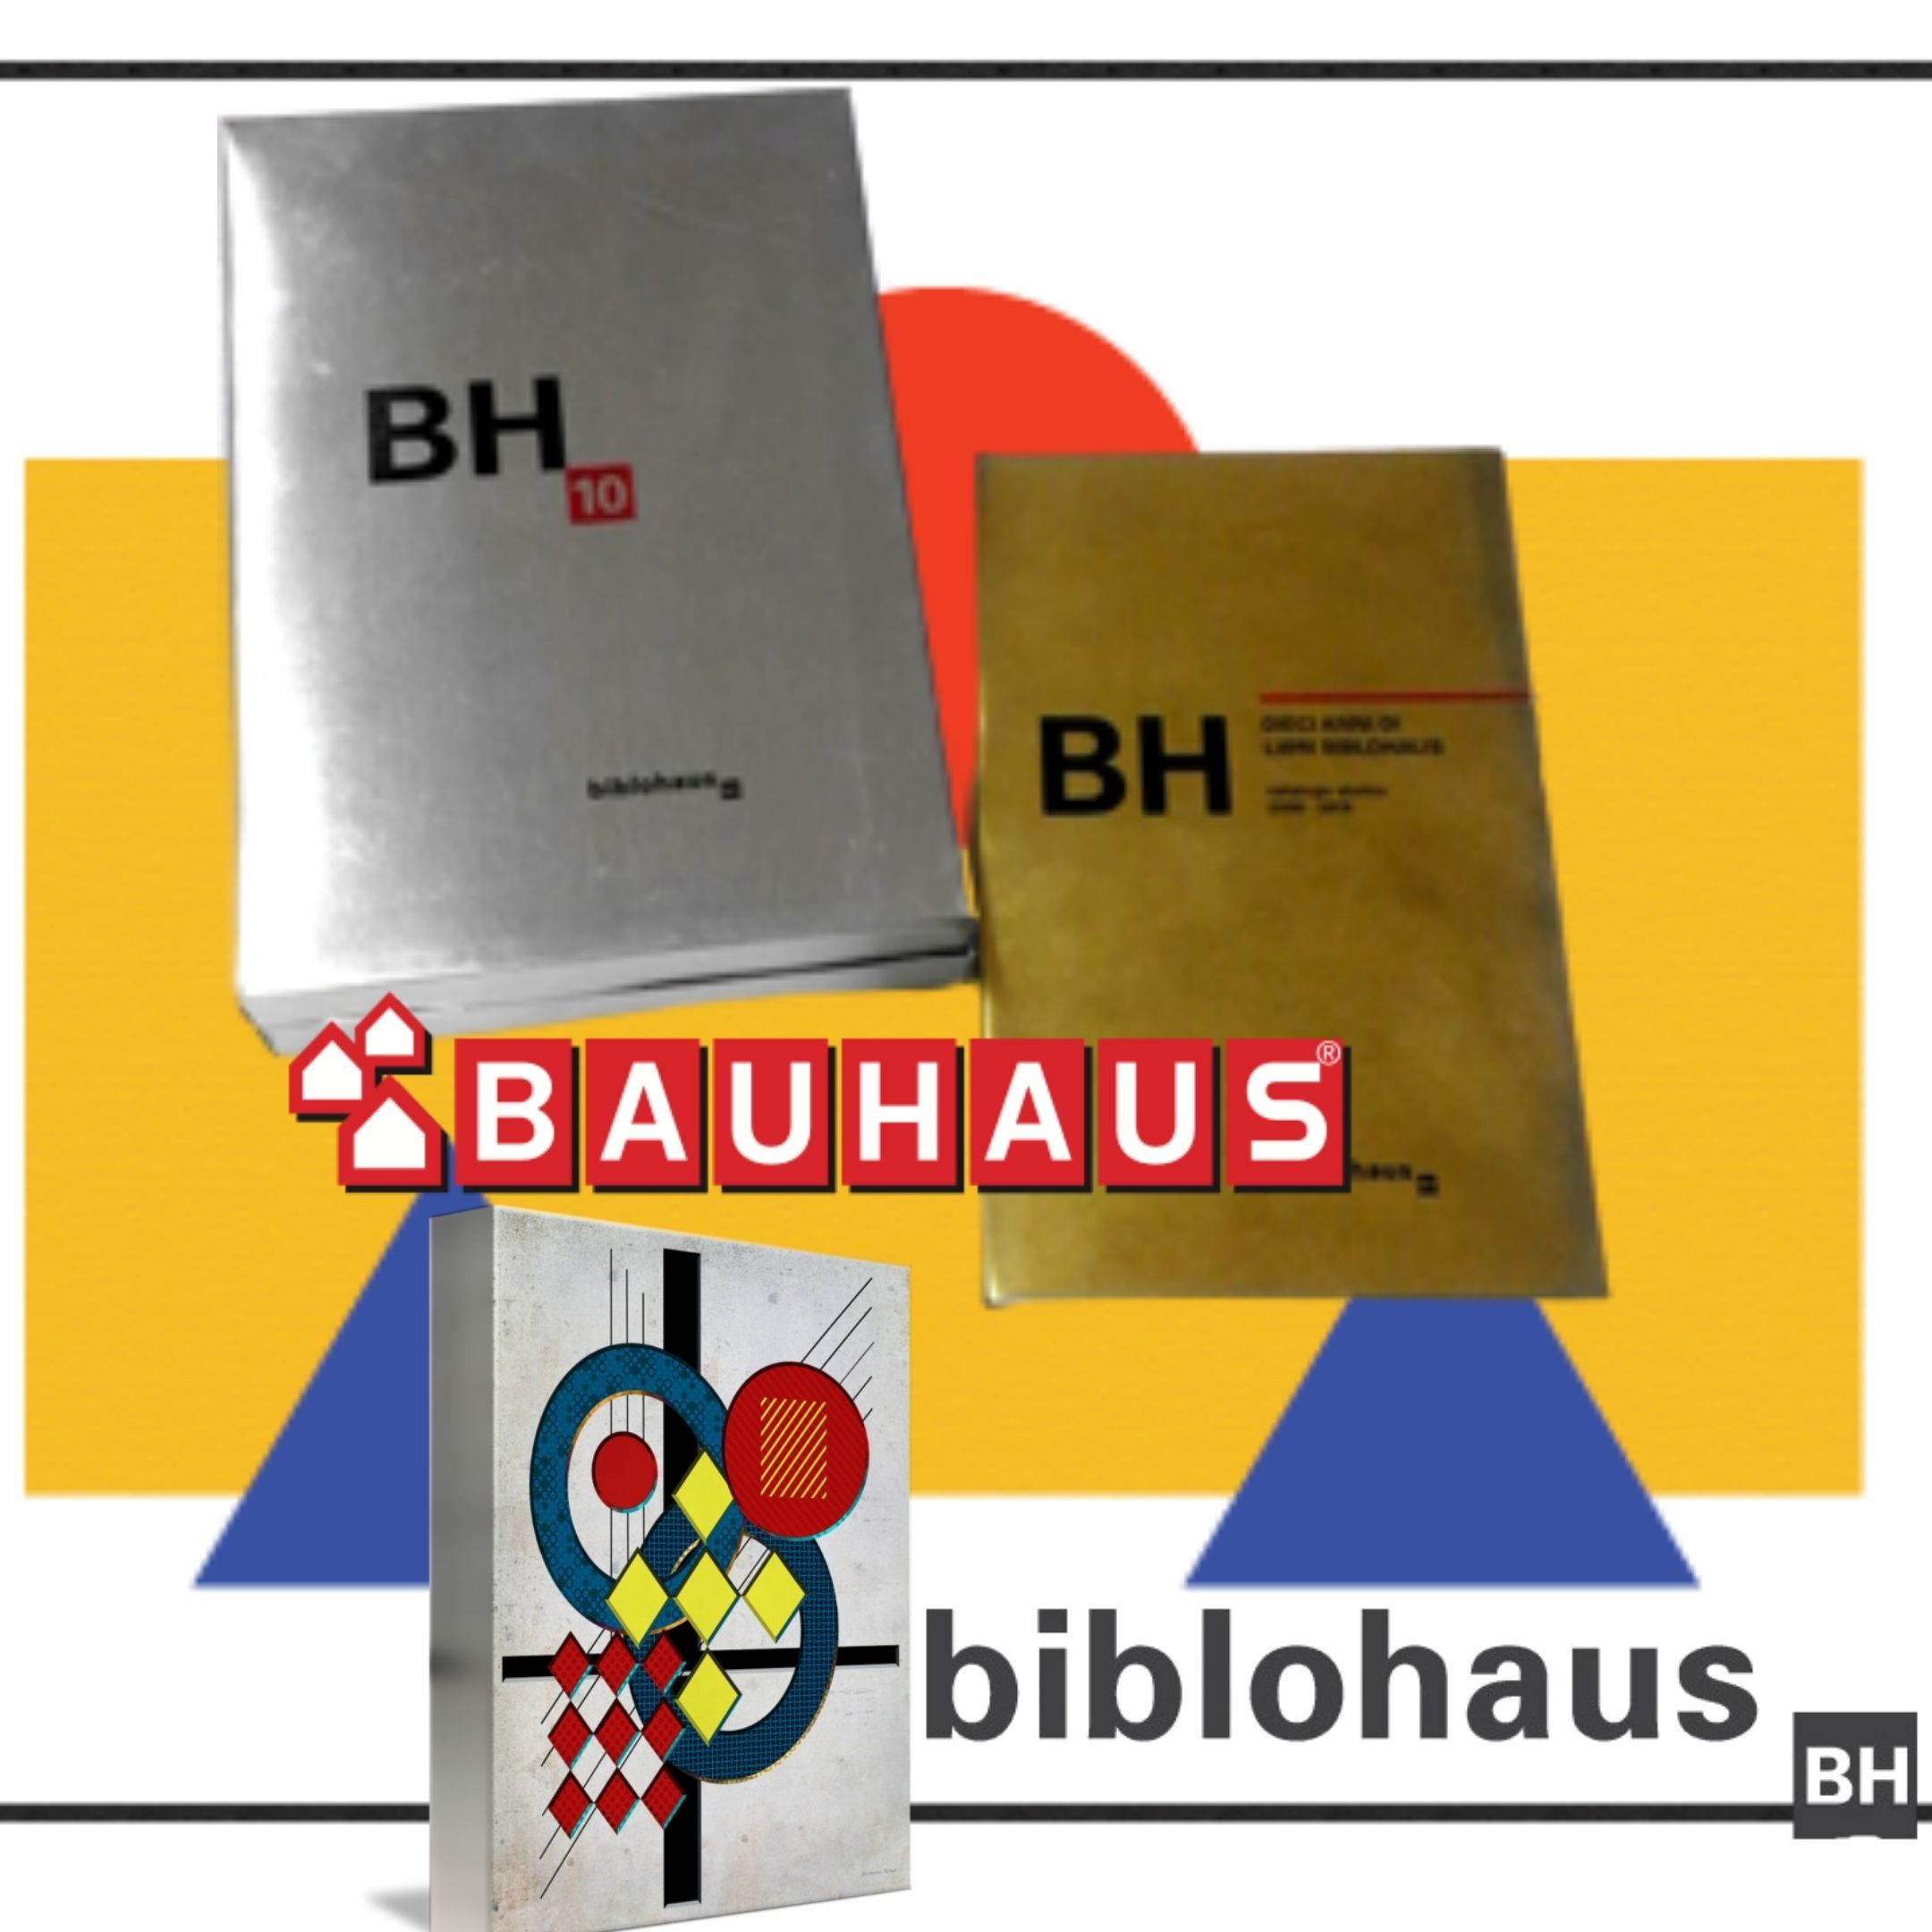 """Dal """"Bauhaus"""" alla """"Biblohaus"""": o del """"minuscolo"""" in copertina"""